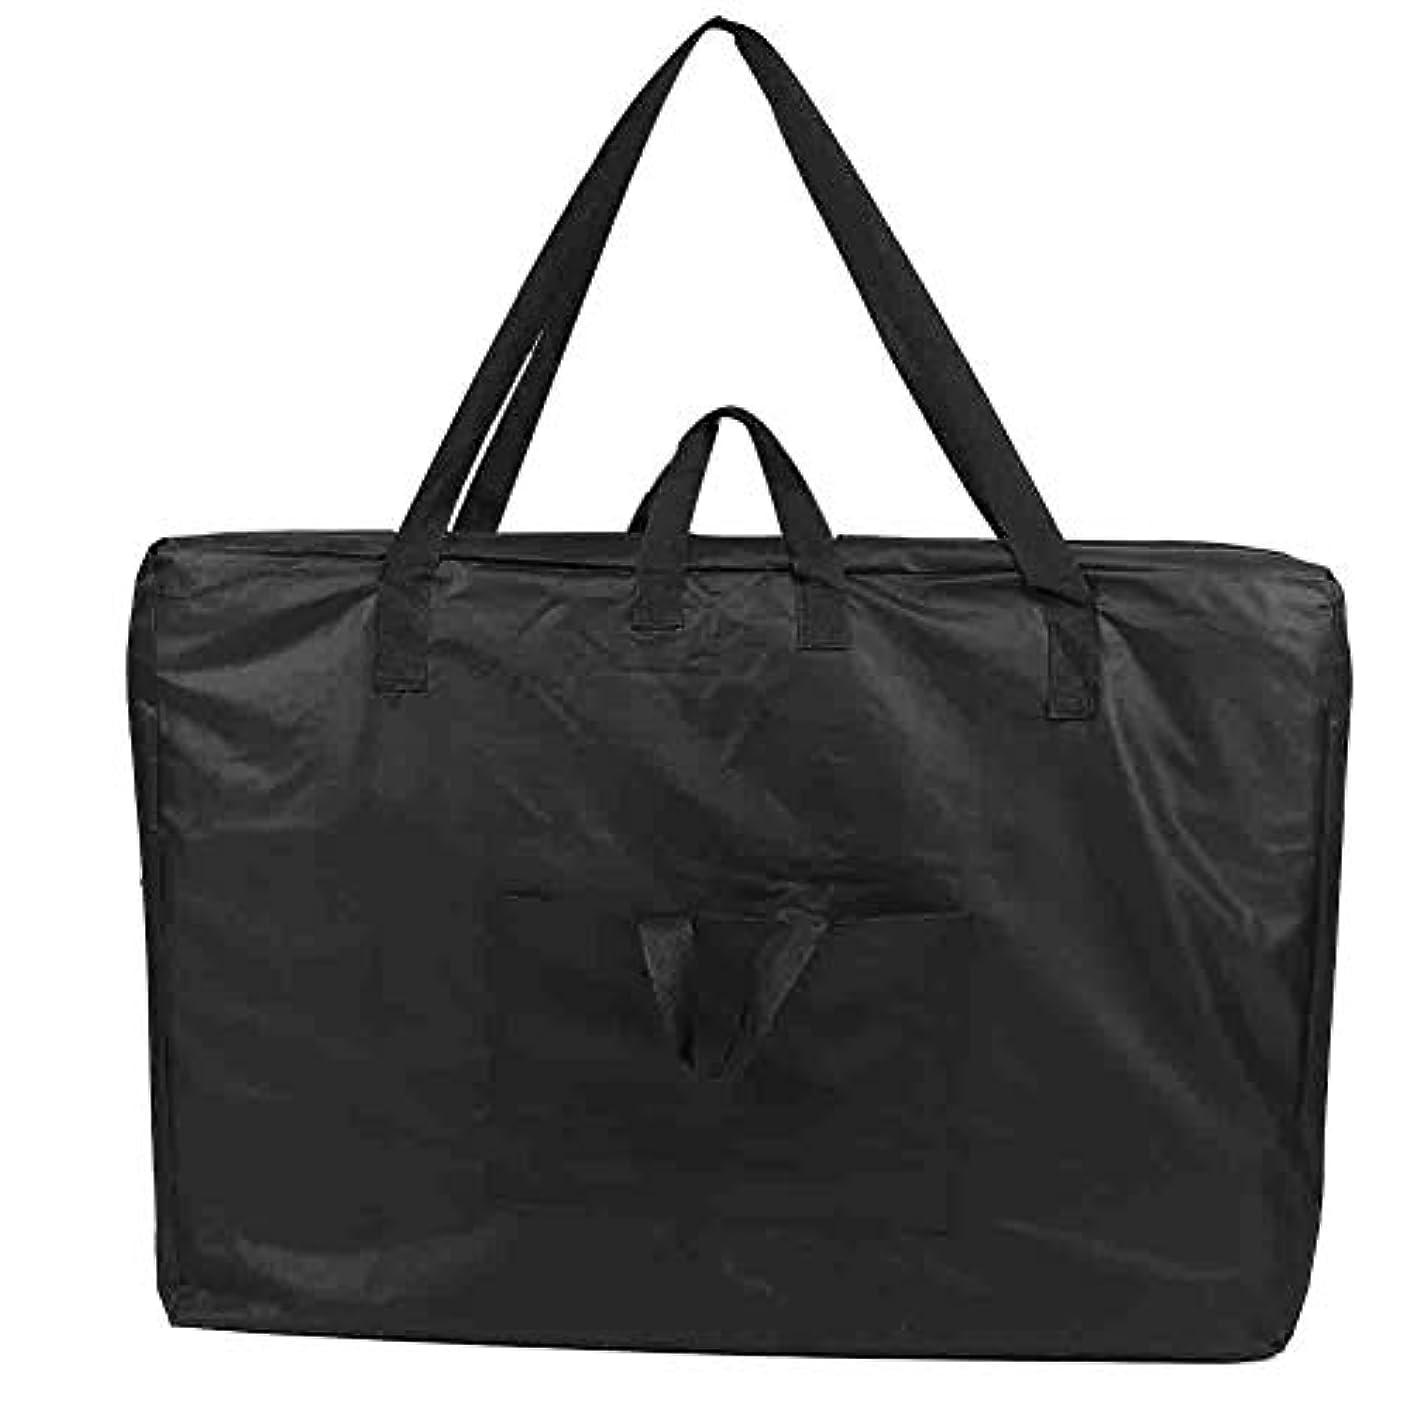 化学捕虜ビヨンlポータブルスパテーブルマッサージベッドキャリングバッグ